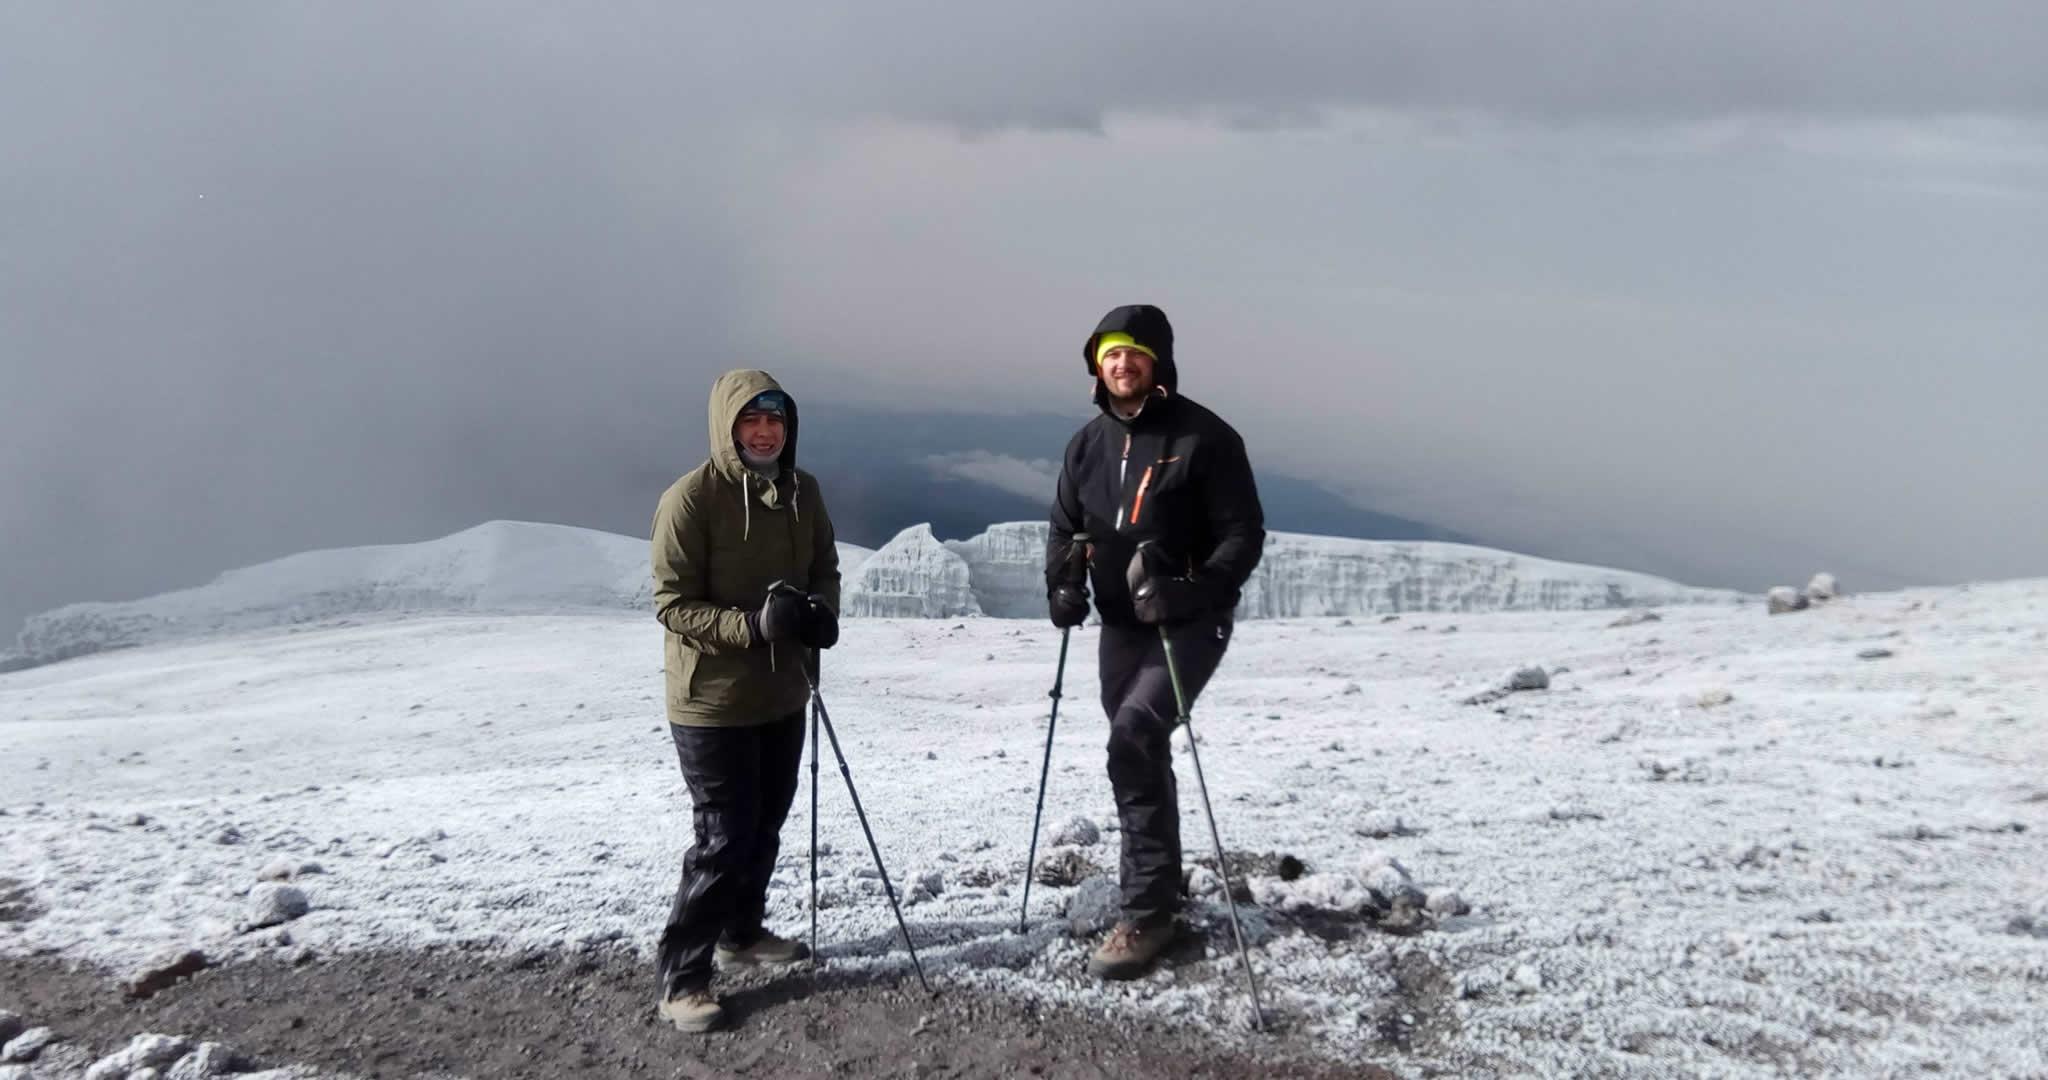 kilimanjaro pix